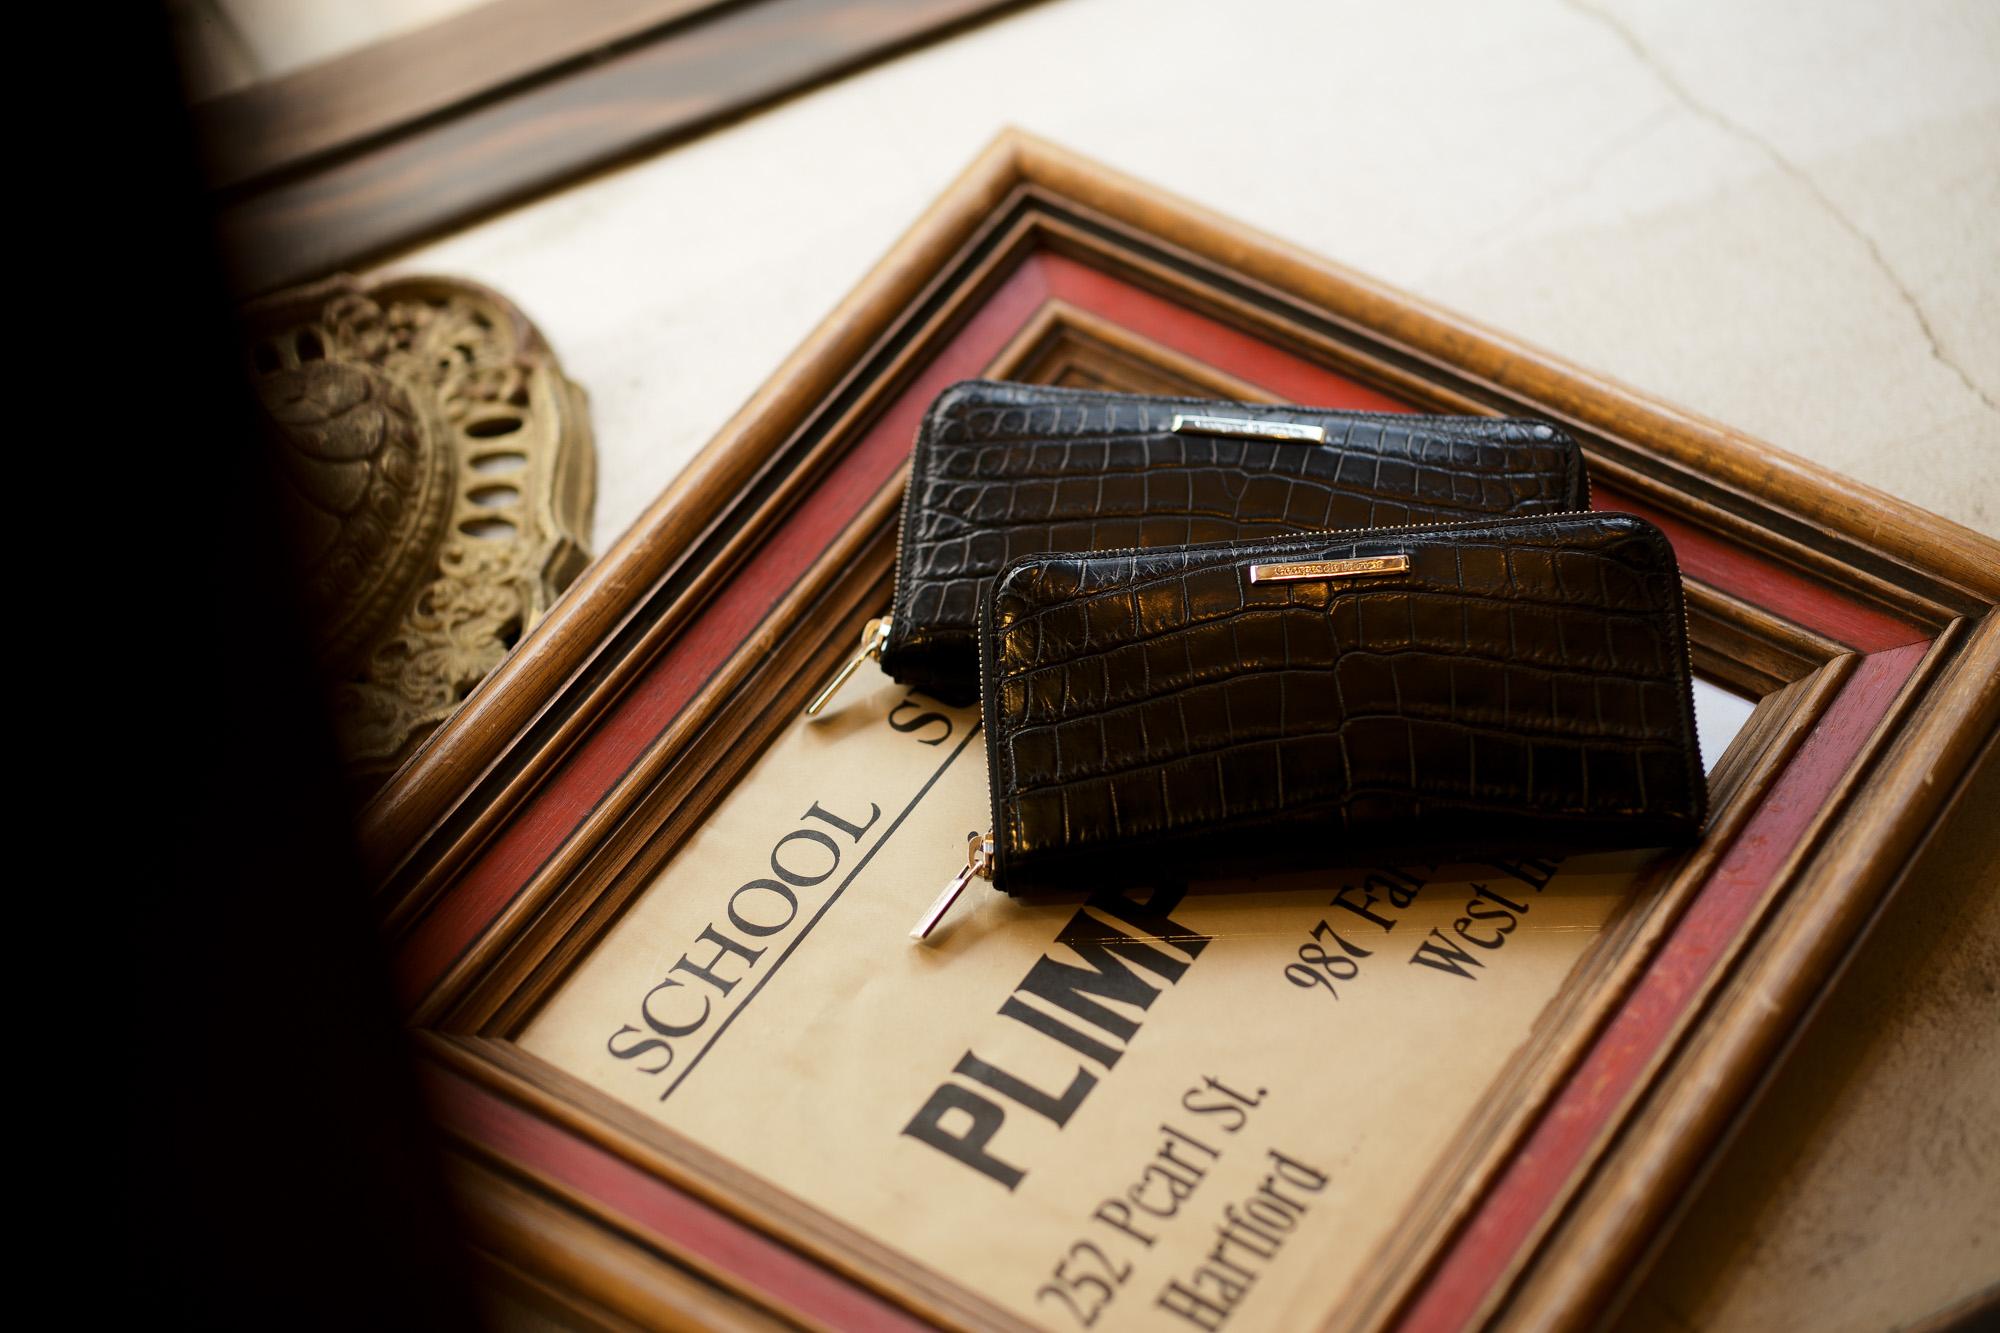 Georges de Patricia(ジョルジュ ド パトリシア) Phantom Crocodile Long (ファントム クロコダイル ロング) 925 STERLING SILVER (925 スターリングシルバー) Niloticus Crocodile ニロティカス クロコダイル エキゾチックレザー ロング ウォレット NOIR (ブラック) 2020【Special Model】【春夏新作入荷】【フリー分発売開始】ジョルジュ ド パトリシア ファントム クロコダイル ロング 925 スターリングシルバー ニロティカス クロコダイル エキゾチックレザー ロングウォレット 愛知 名古屋 altoediritto アルトエデリット 財布 長財布